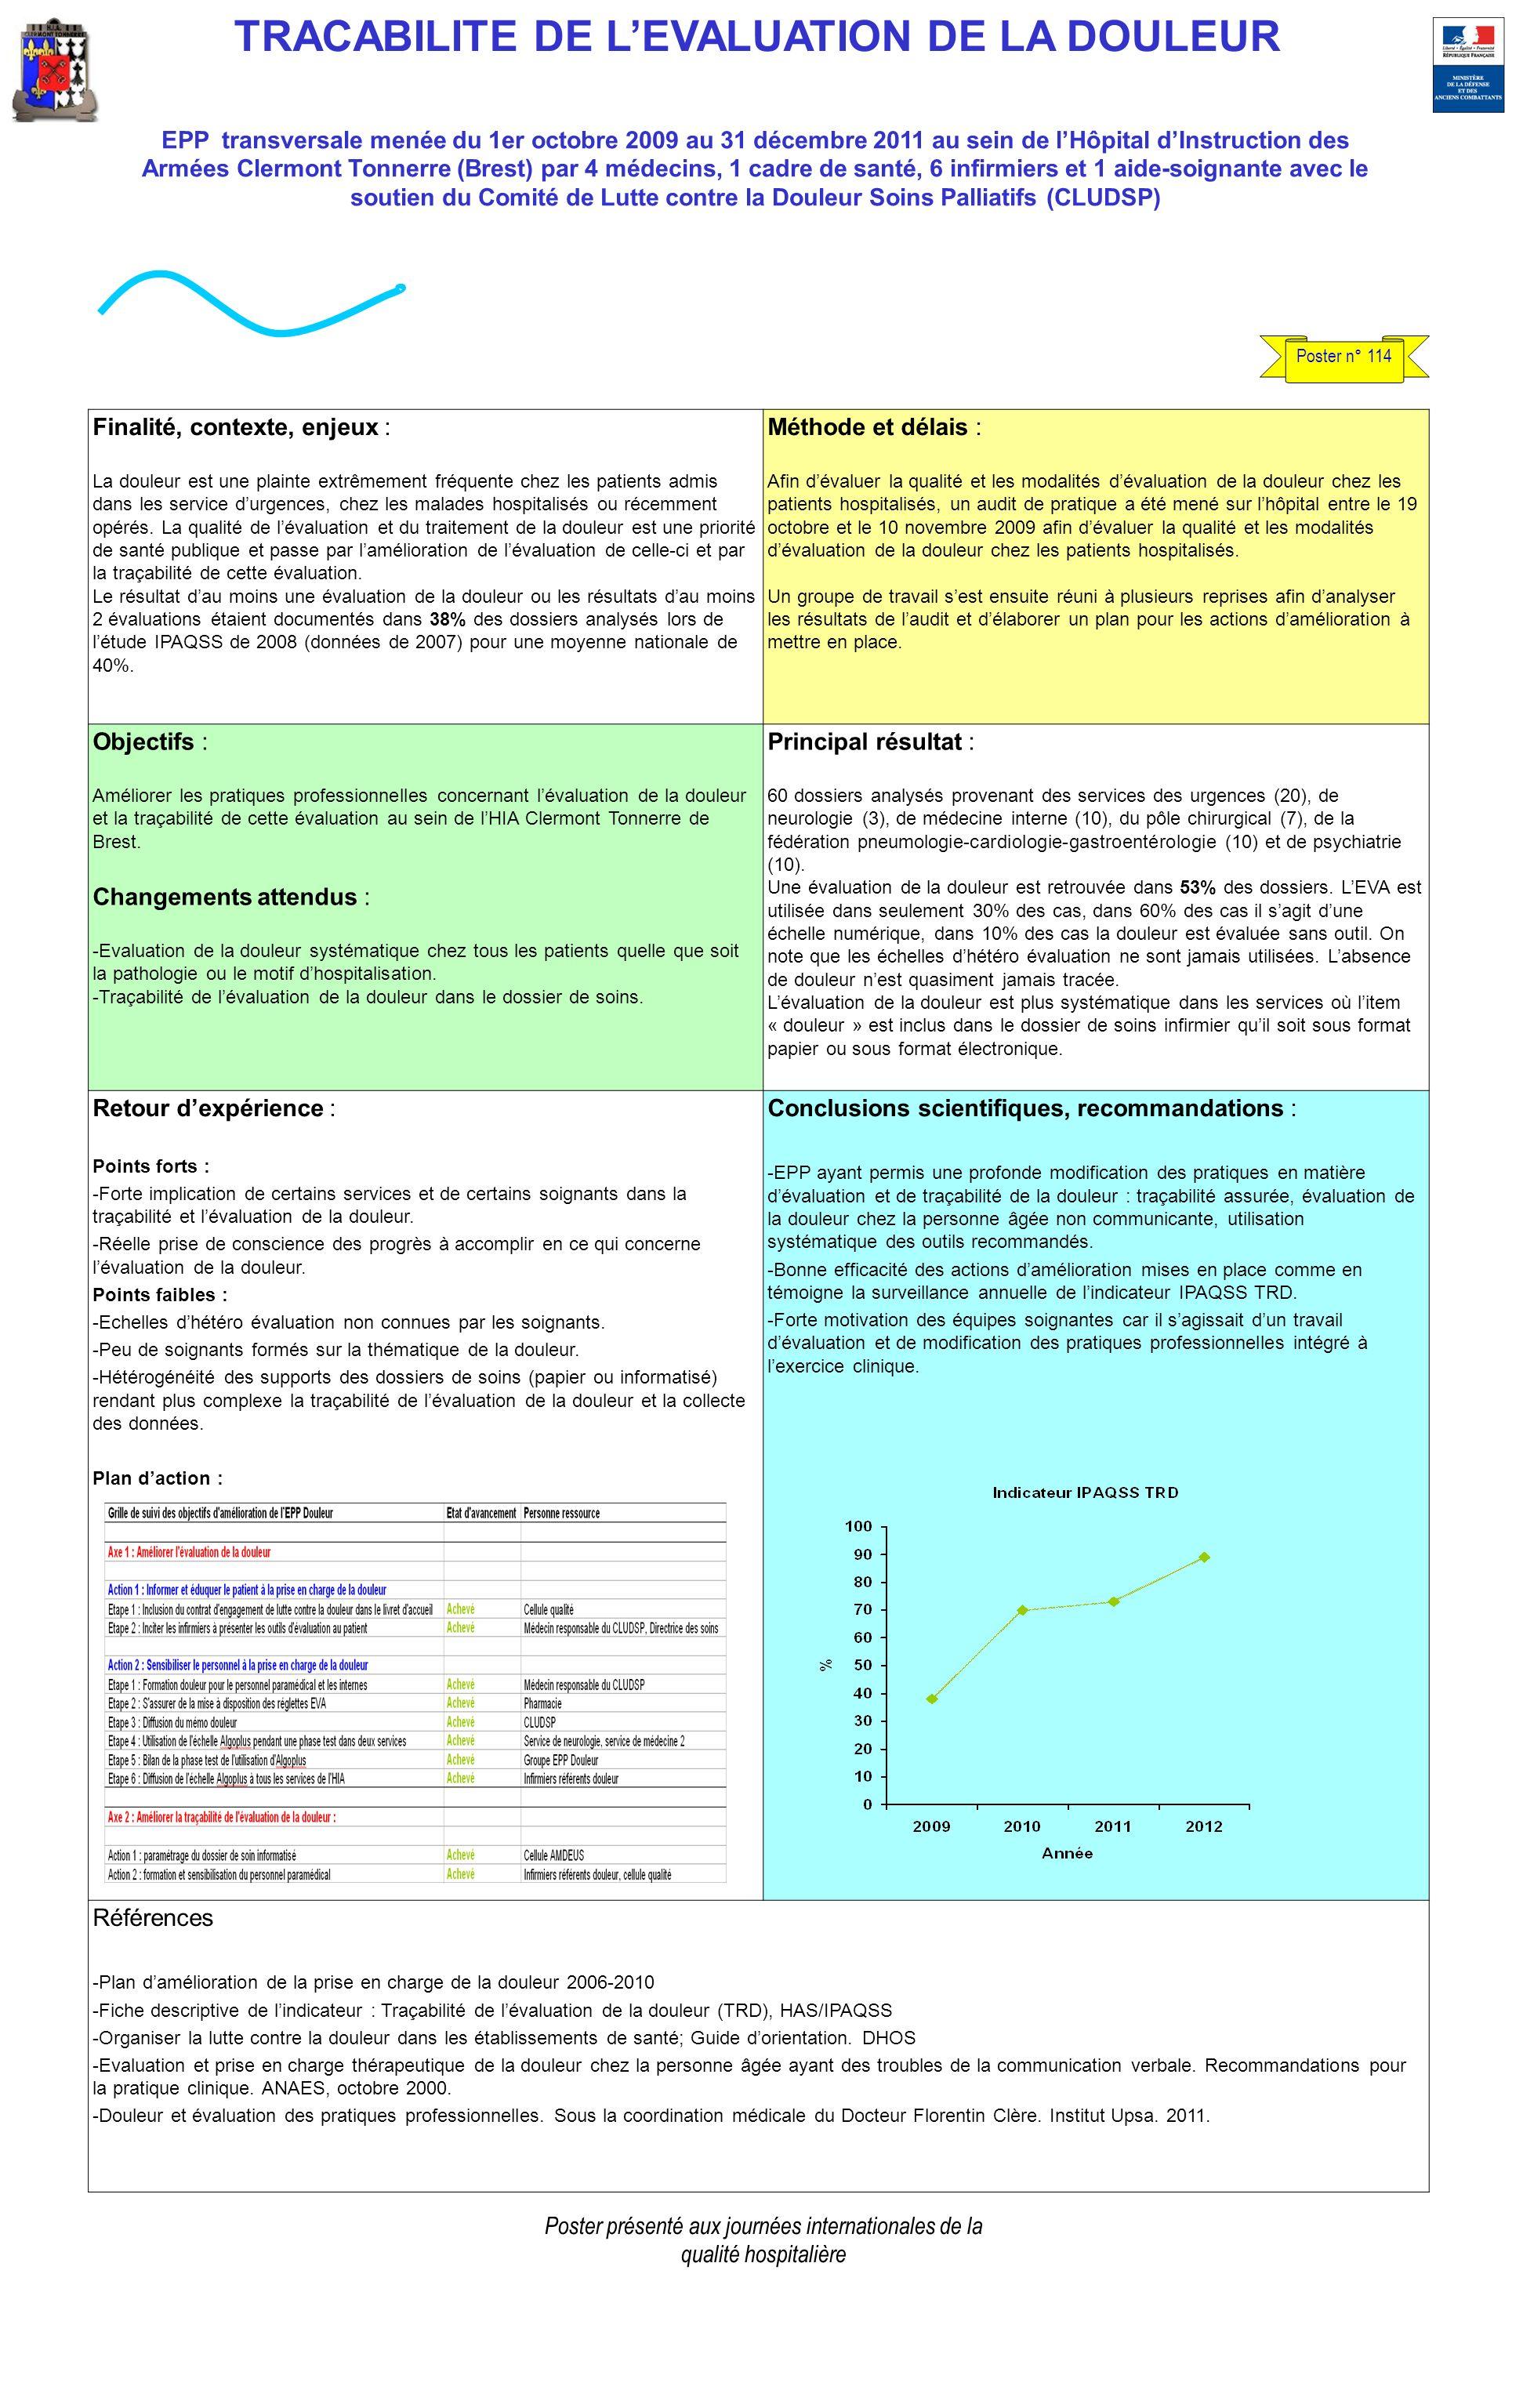 Poster présenté aux journées internationales de la qualité hospitalière TRACABILITE DE LEVALUATION DE LA DOULEUR JL, 41 ansB, 37 ans Finalité, context